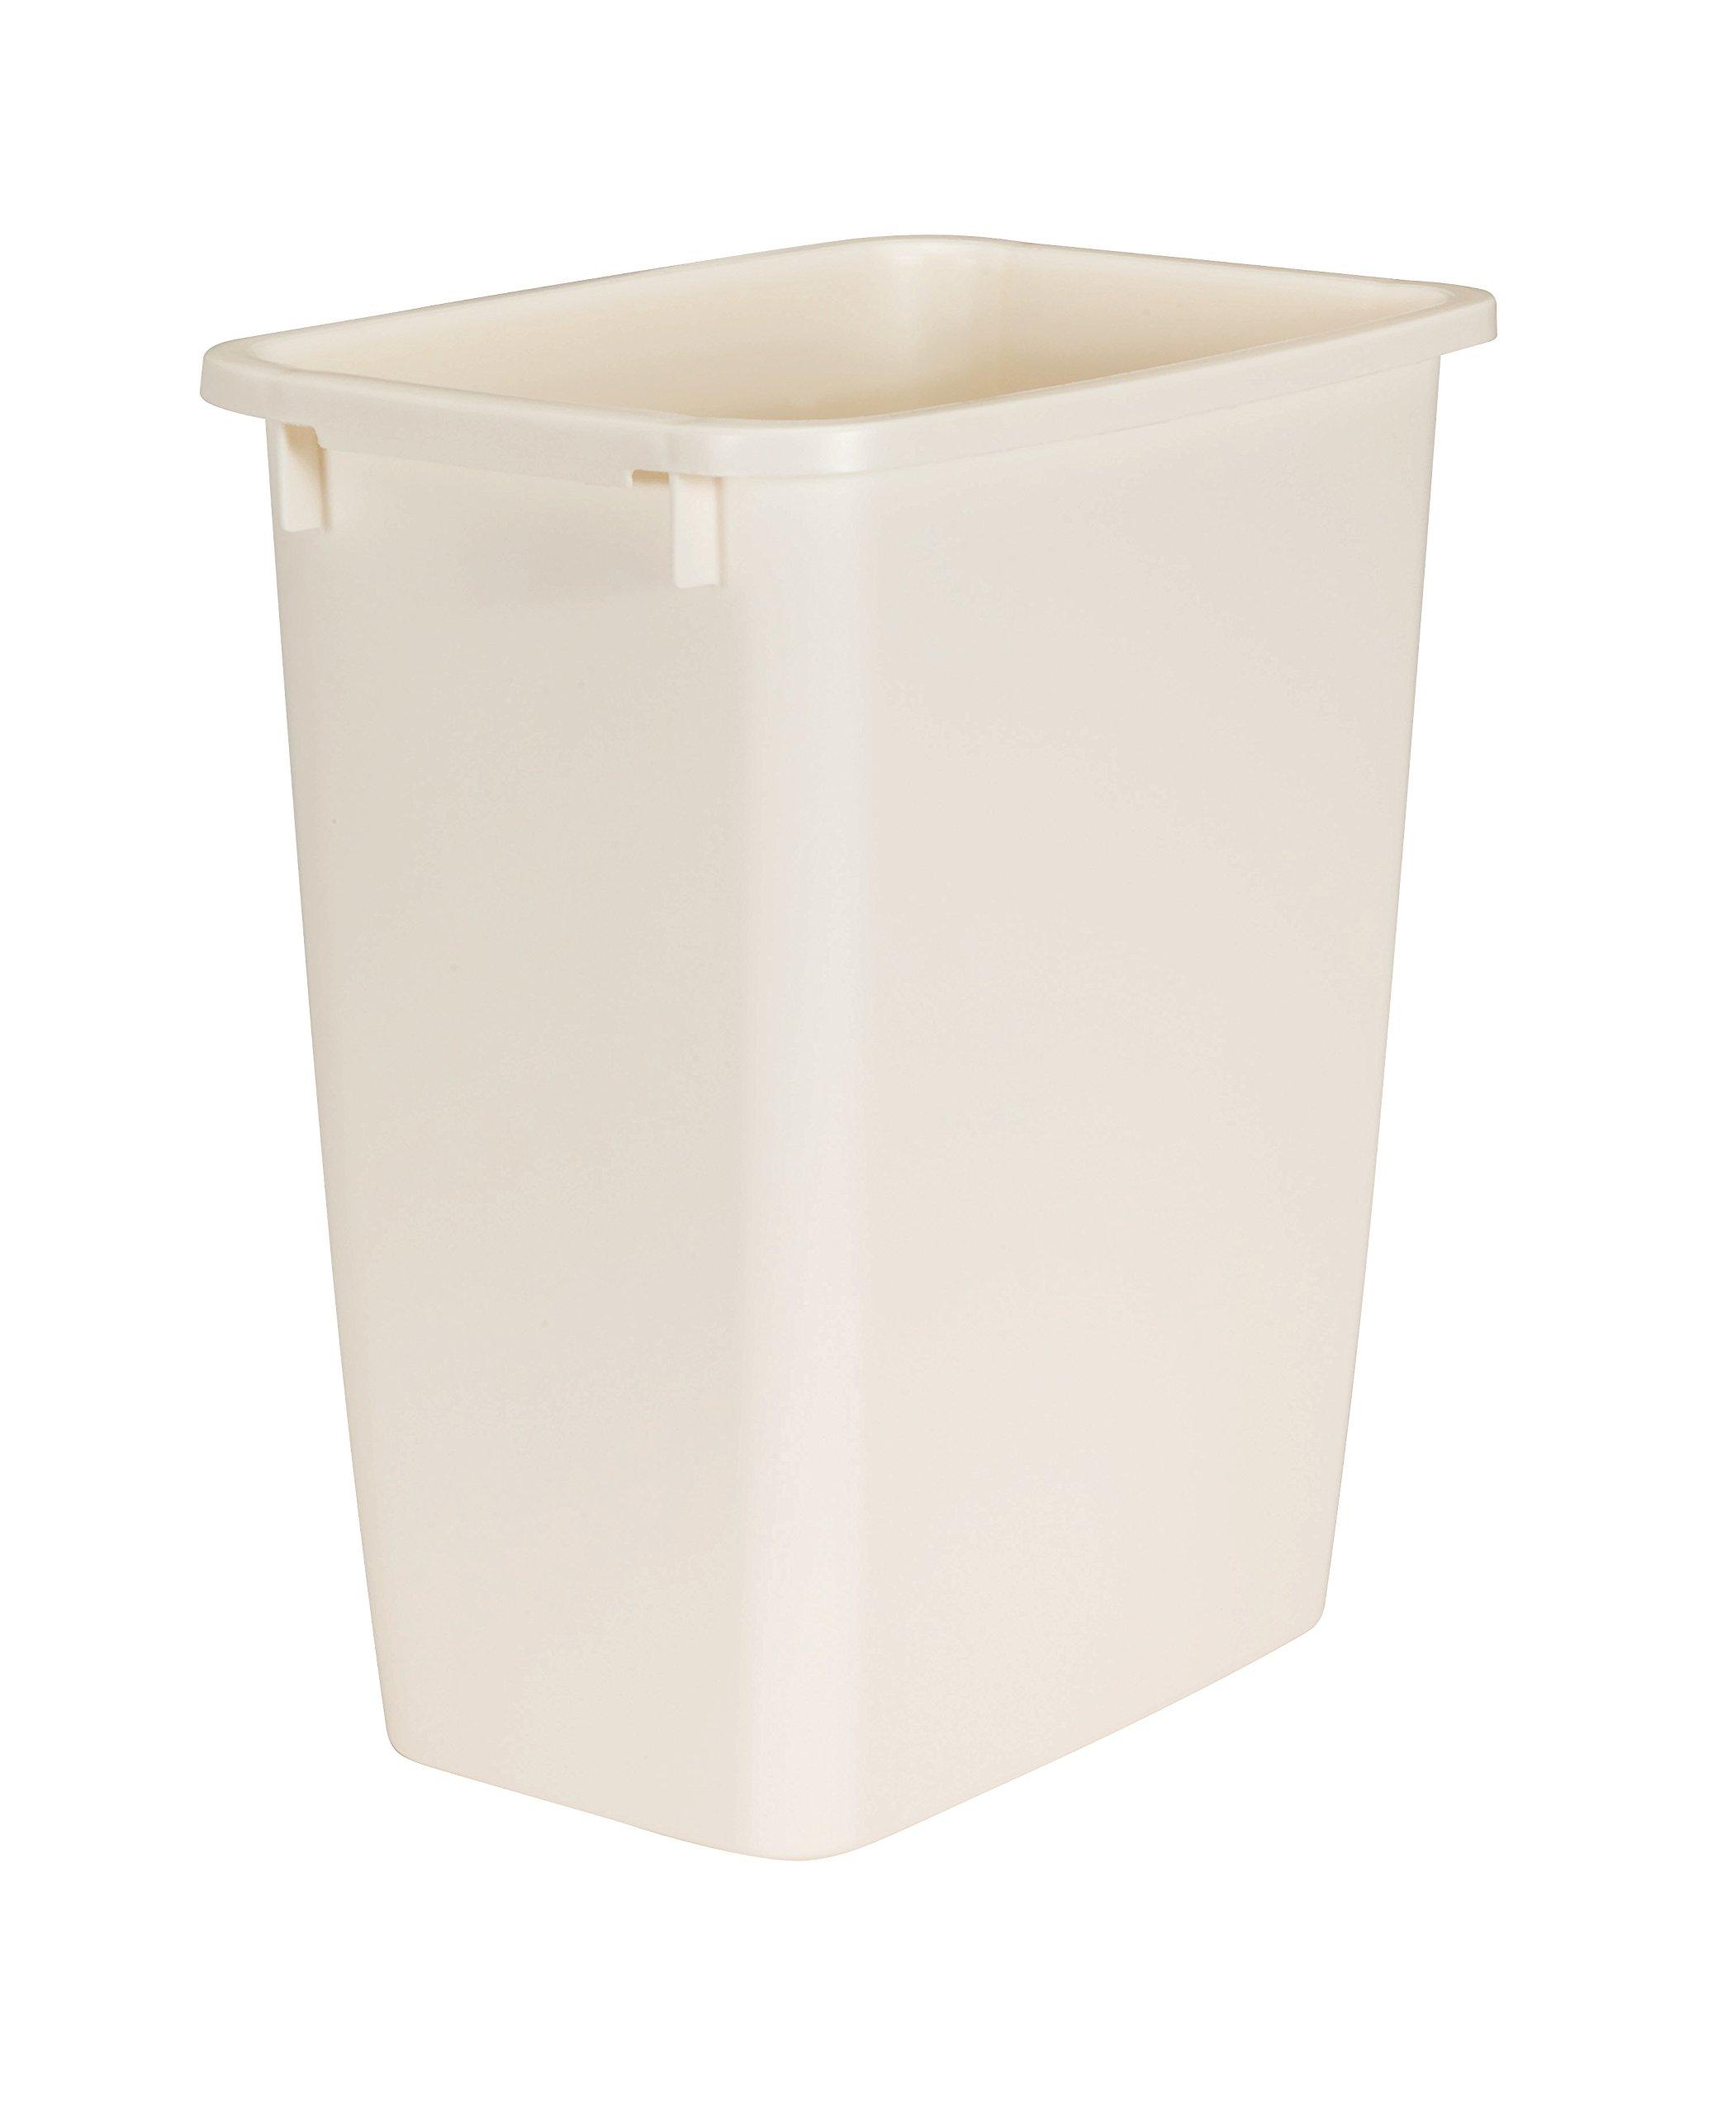 Rubbermaid Wastebasket, Bisque, 21-quart (FG280500BISQU) by Rubbermaid